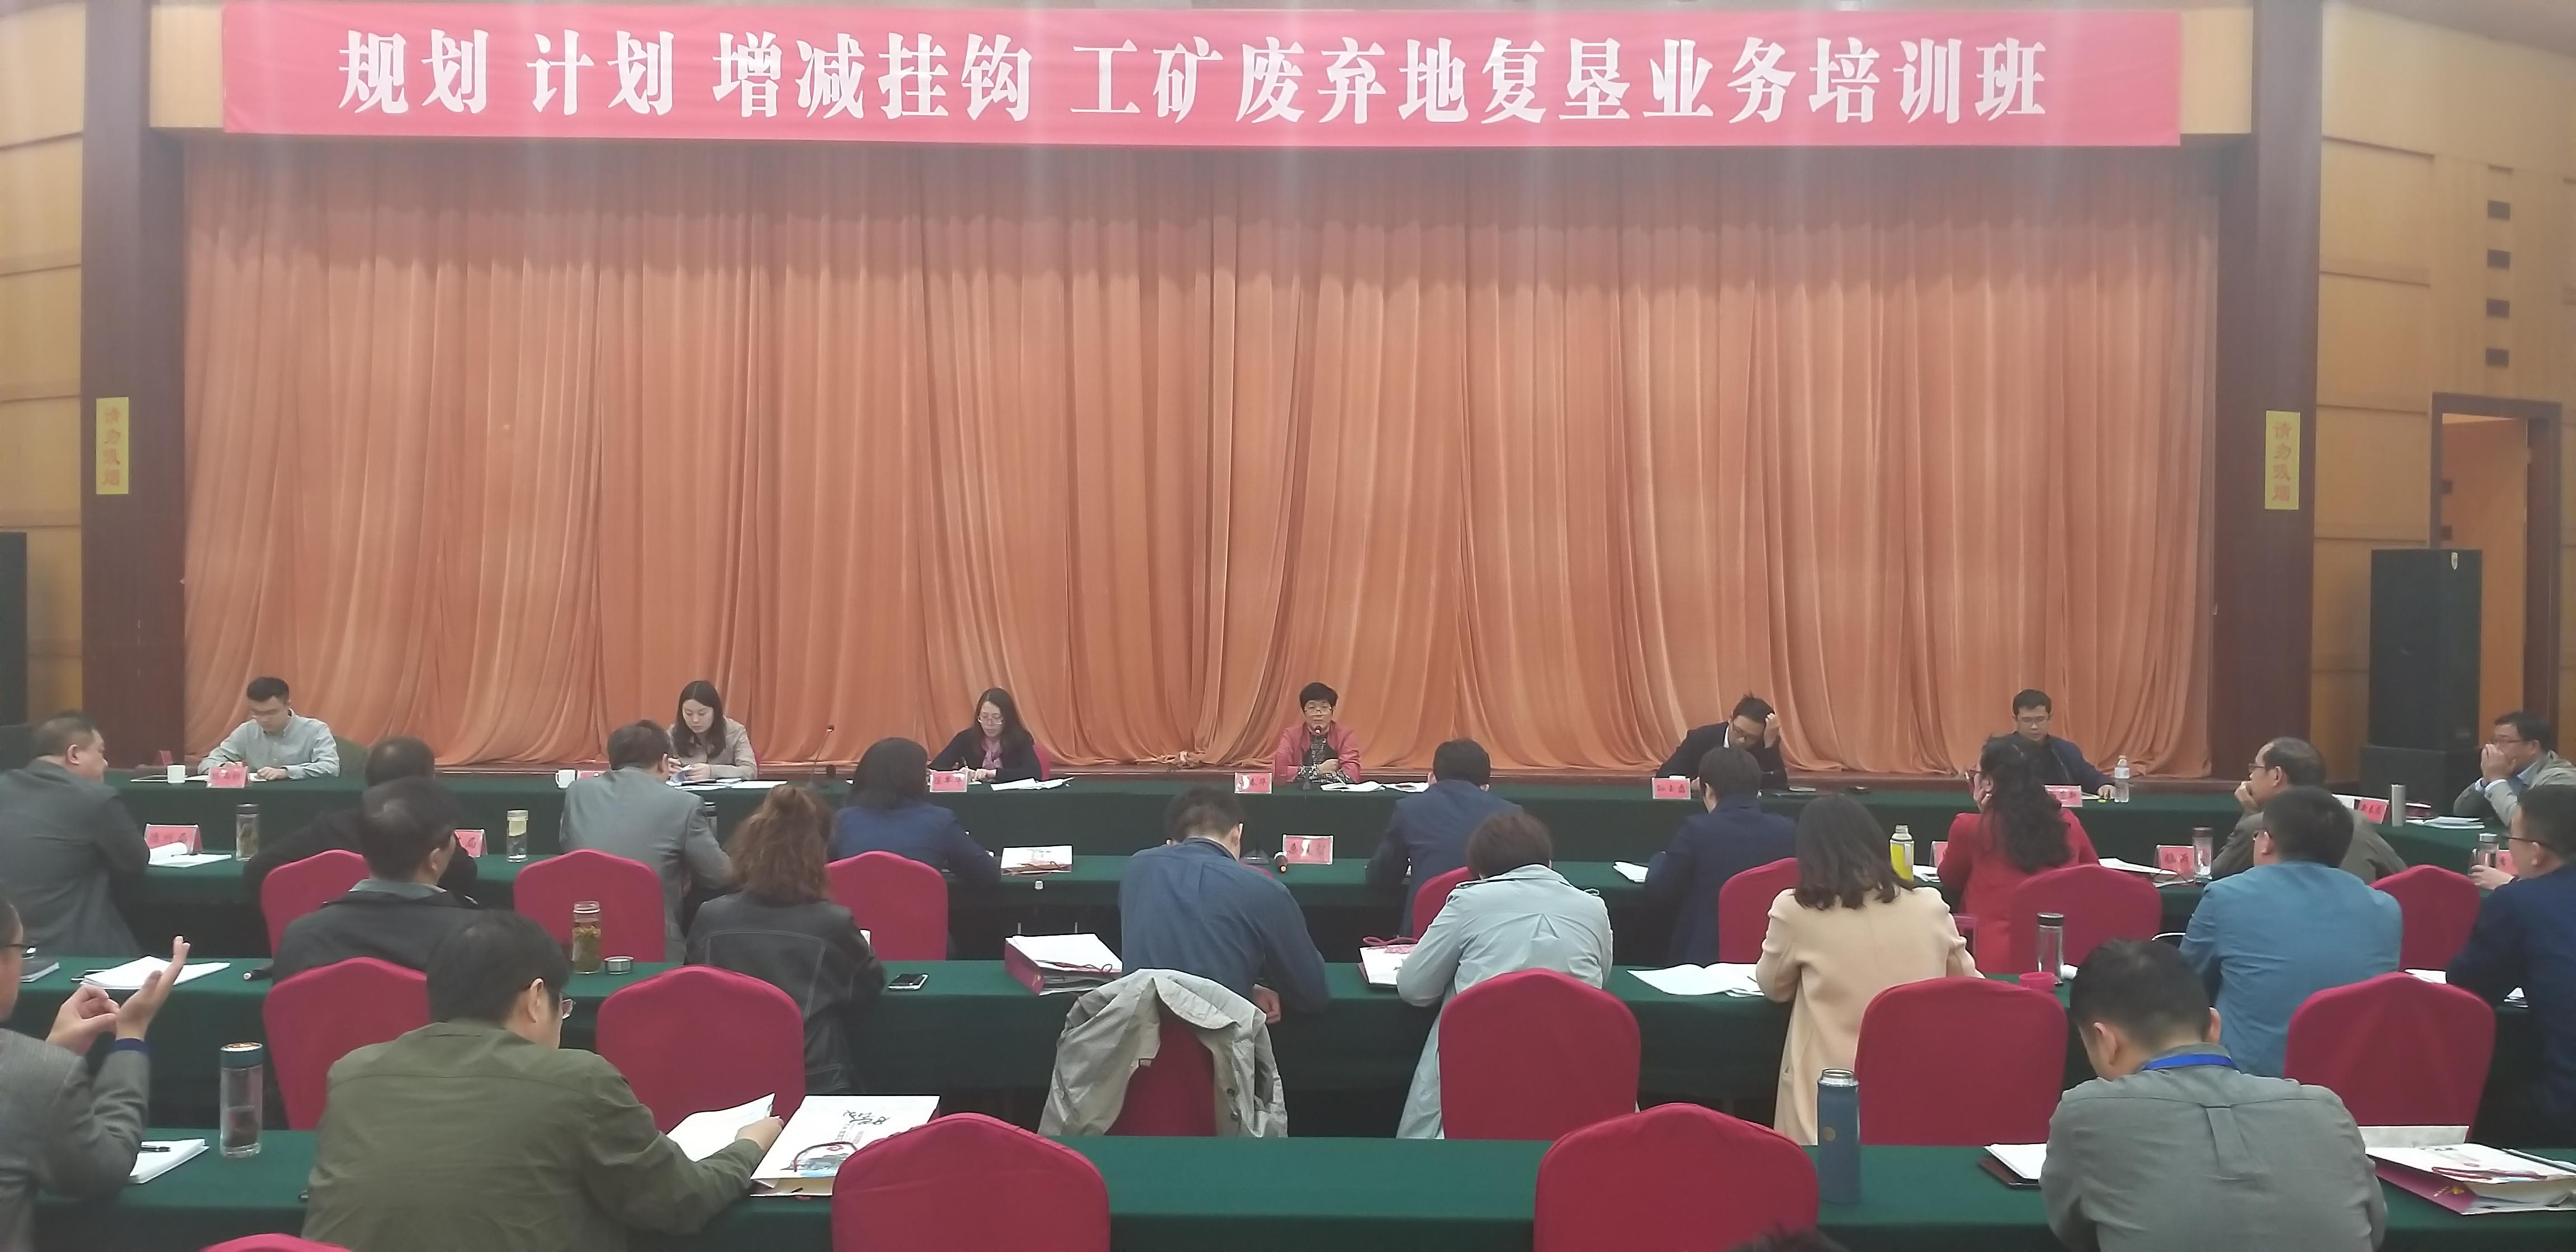 2018年全省规划业务培训班在泰安肥城召开